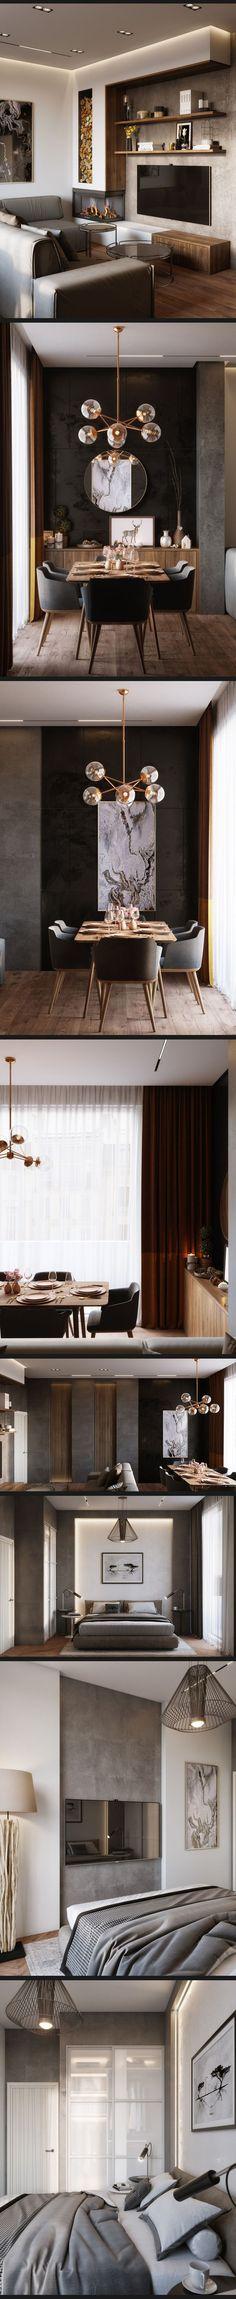 Дизайн гостинной,кухни и спальни . - Галерея 3ddd.ru - #decoracion #homedecor #muebles